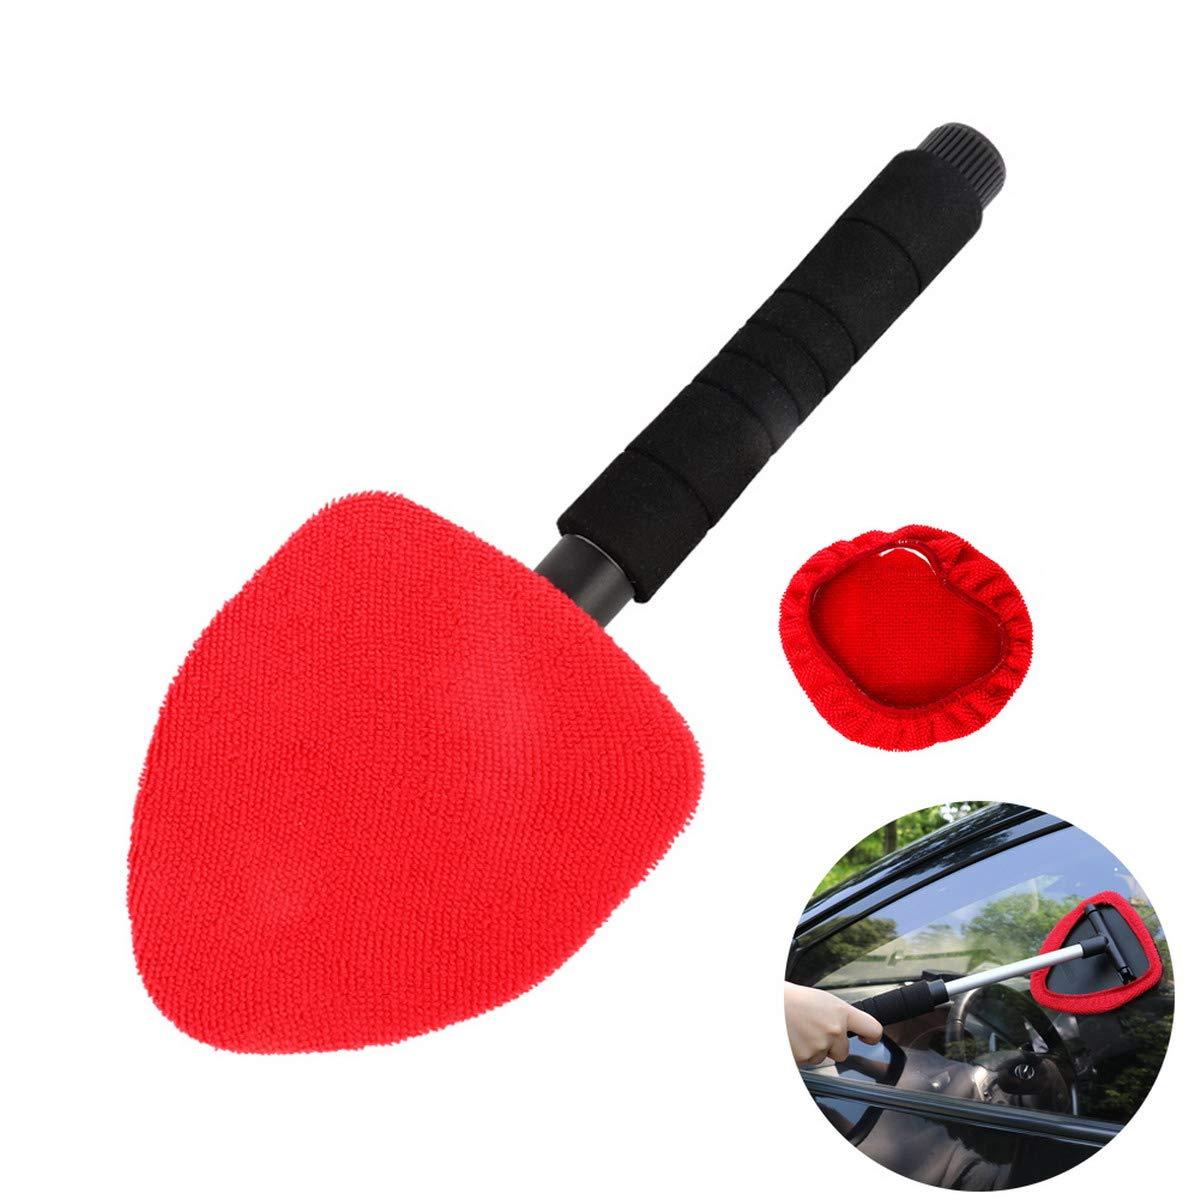 ACMEDE Auto Scheibenreiniger Innen Windschutzscheibe Reiniger Teleskopierbar mit 2 Reinigungspads Autoscheiben Reinigungsset